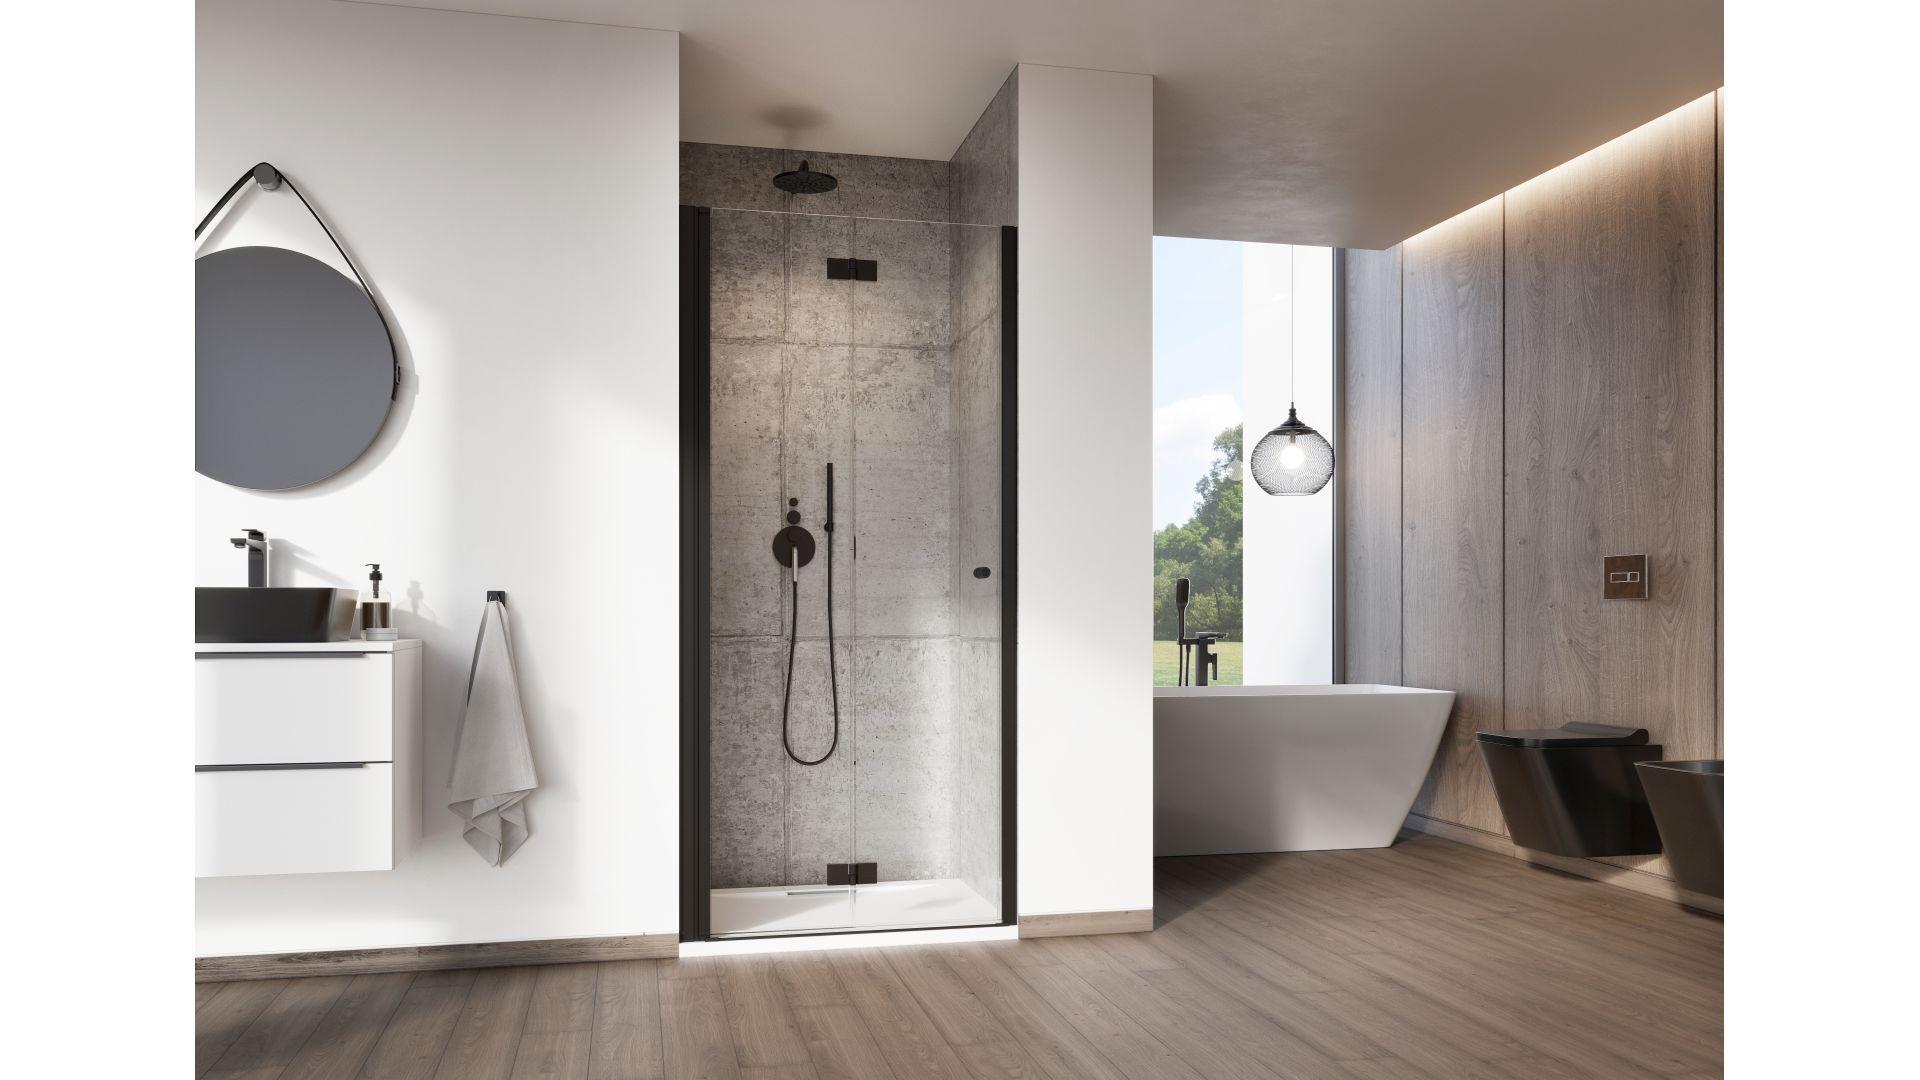 Wybierając odpowiedni model kabiny prysznicowej należy zastanowić się nad jej kształtem, wielkością, sposobem otwierania drzwi, wariantem szkła oraz możliwościami jej spersonalizowania. Fot. Radaway